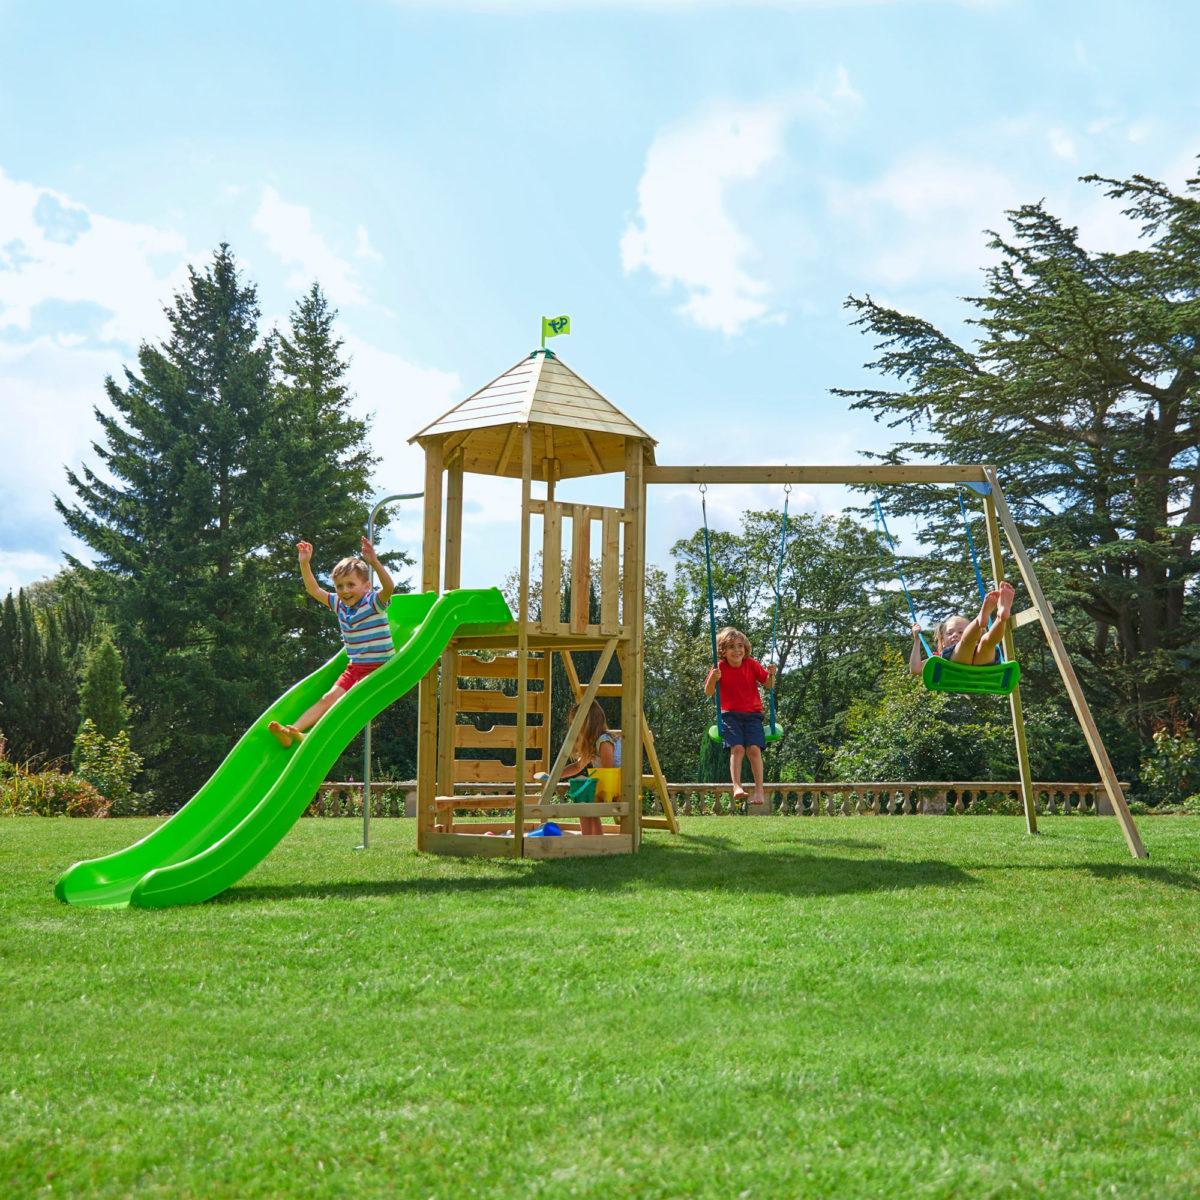 Tp Castlewood Beeston Wooden Swing Set & Slide-fsc?